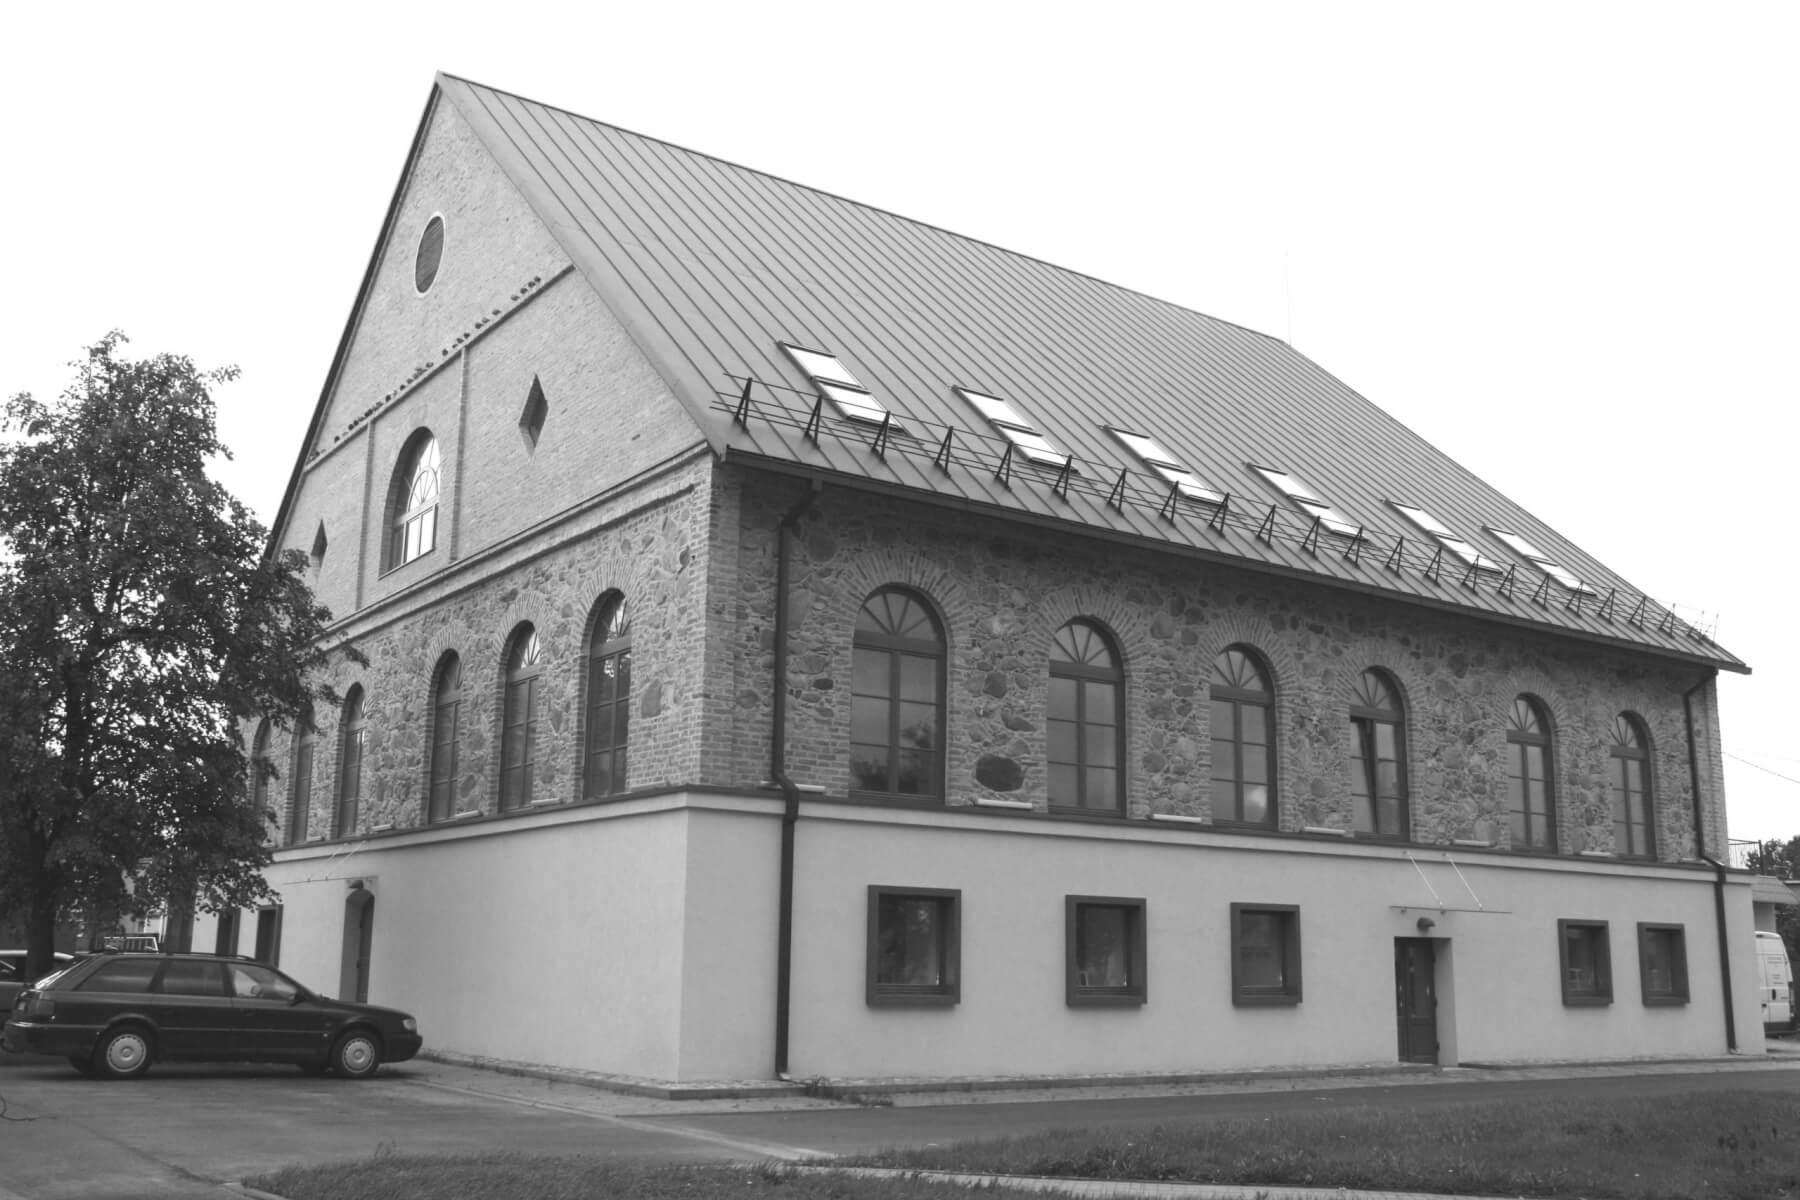 Rekonstruota Kupiškio rajono savivaldybės viešoji biblioteka. (Buvusi Didžioji Kupiškio sinagoga) 2021 m.